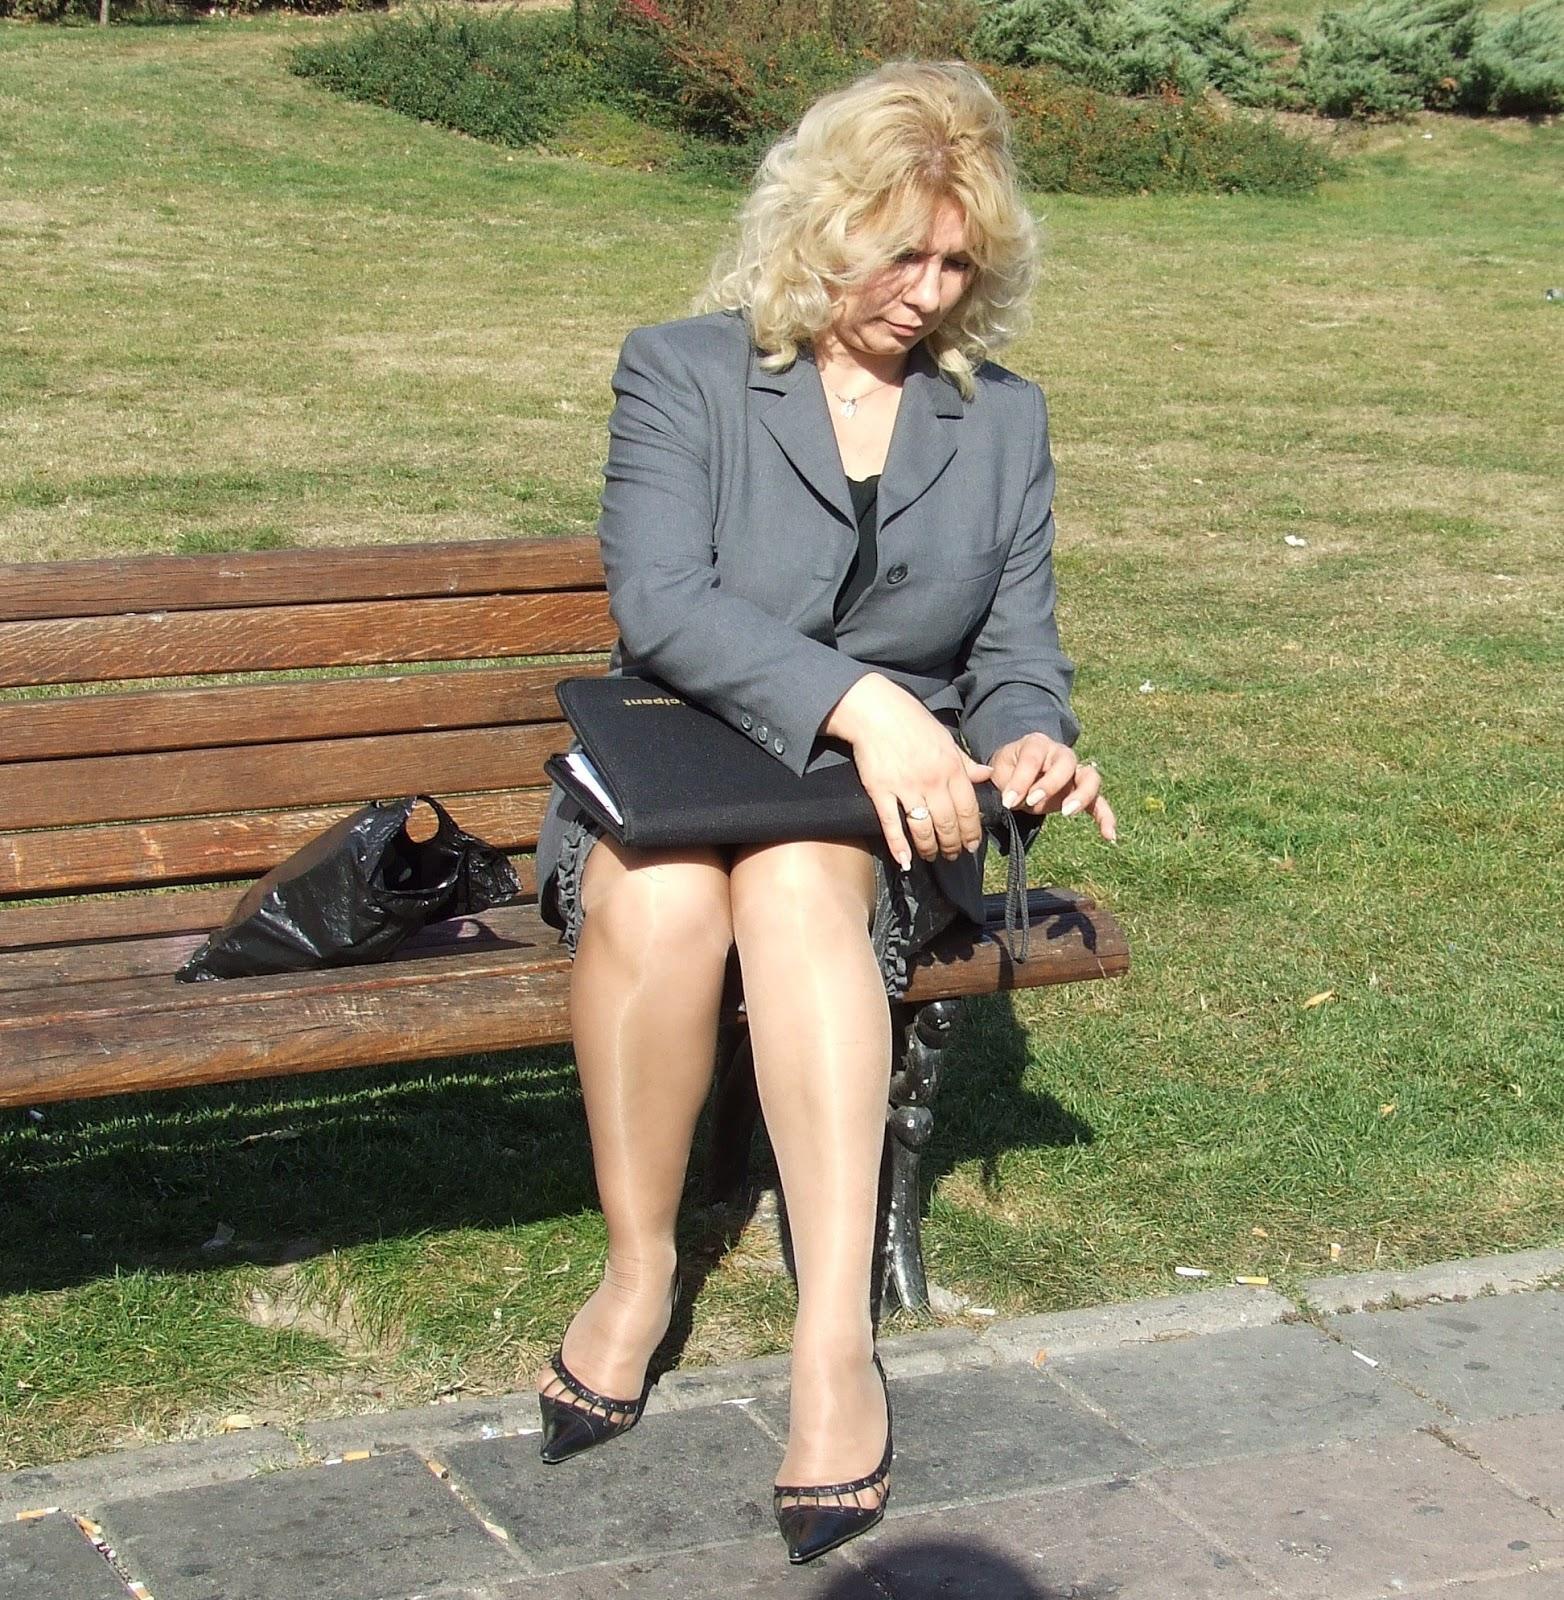 Время массажа видео на улице у зрелых женщин